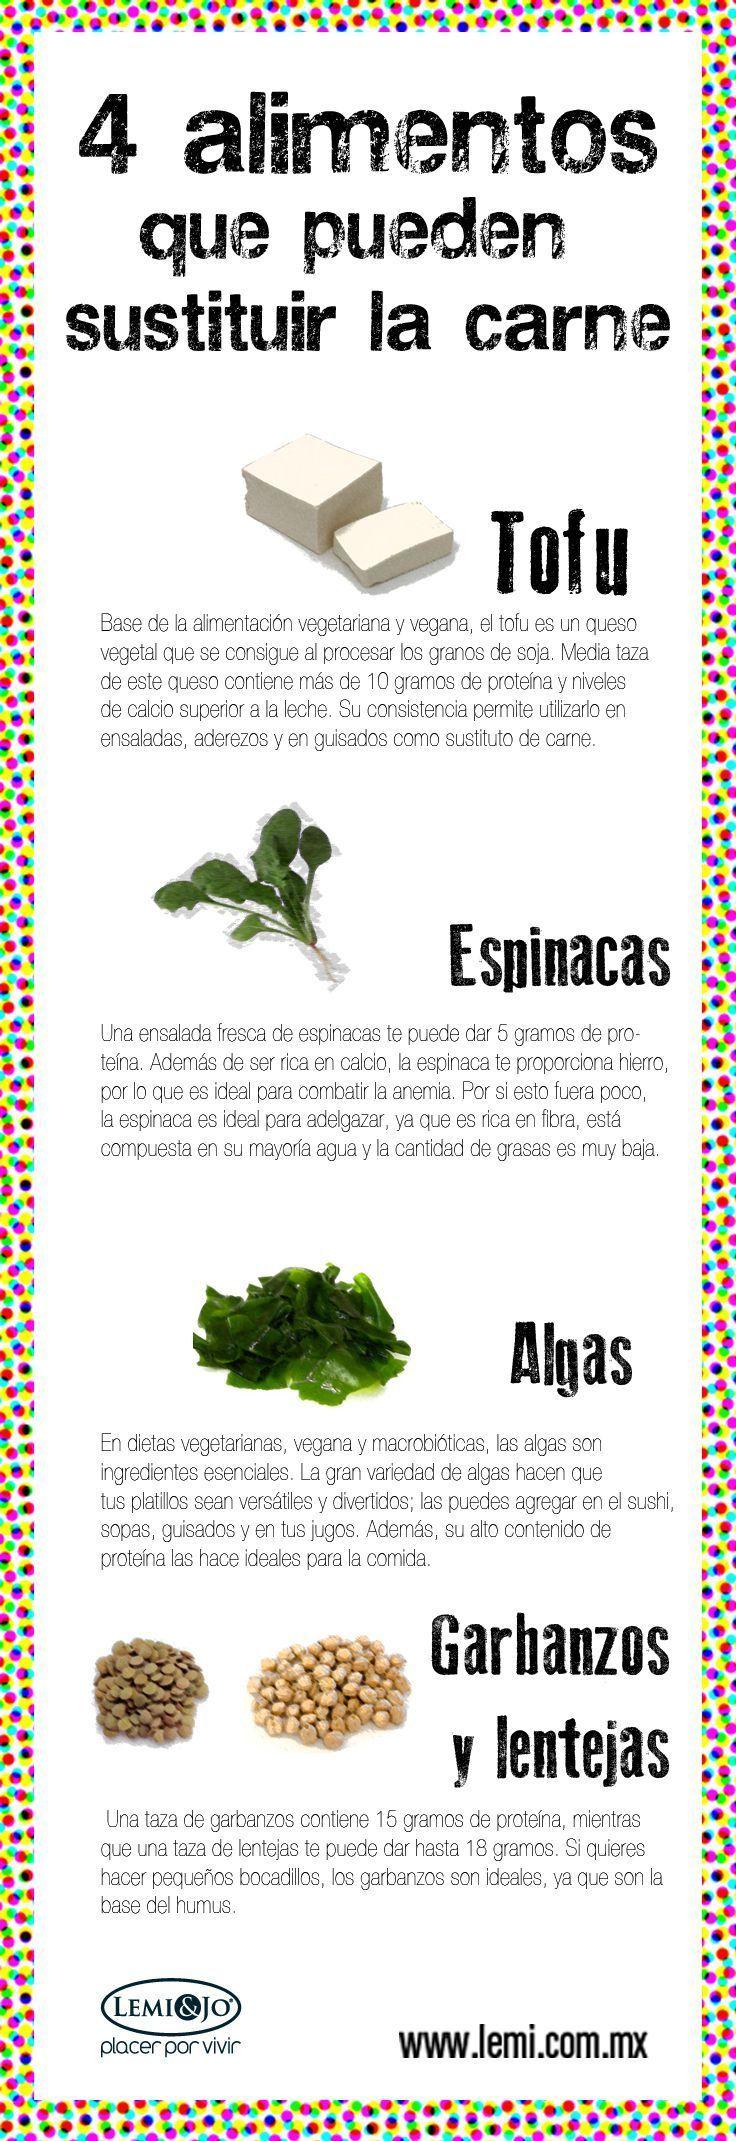 4 alimentos sustitutos de la carne - Infografías y Remedios. #infografia #infographic #nutrición